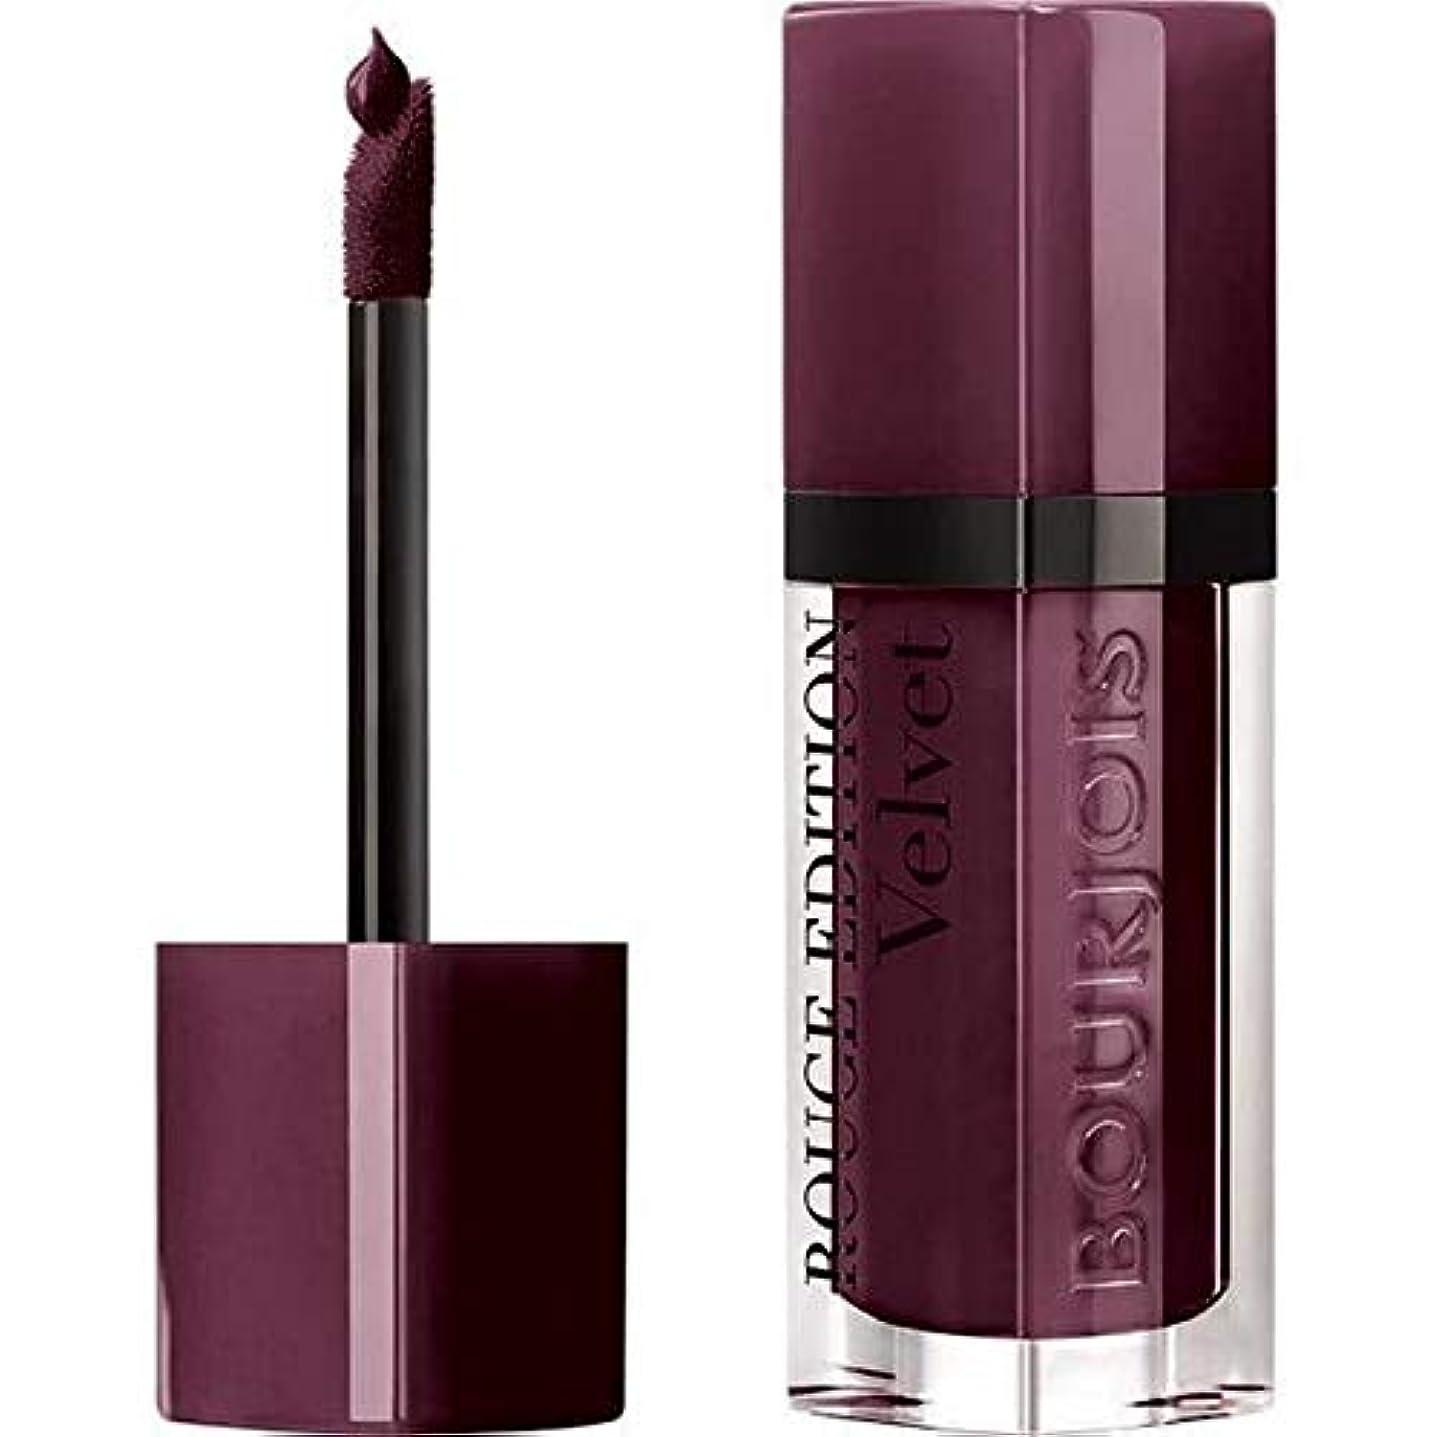 偽善者有効円形[Bourjois ] ブルジョワ口紅ルージュ版のベルベットのシックな25ベリー - Bourjois Lipstick Rouge Edition Velvet 25 Berry Chic [並行輸入品]